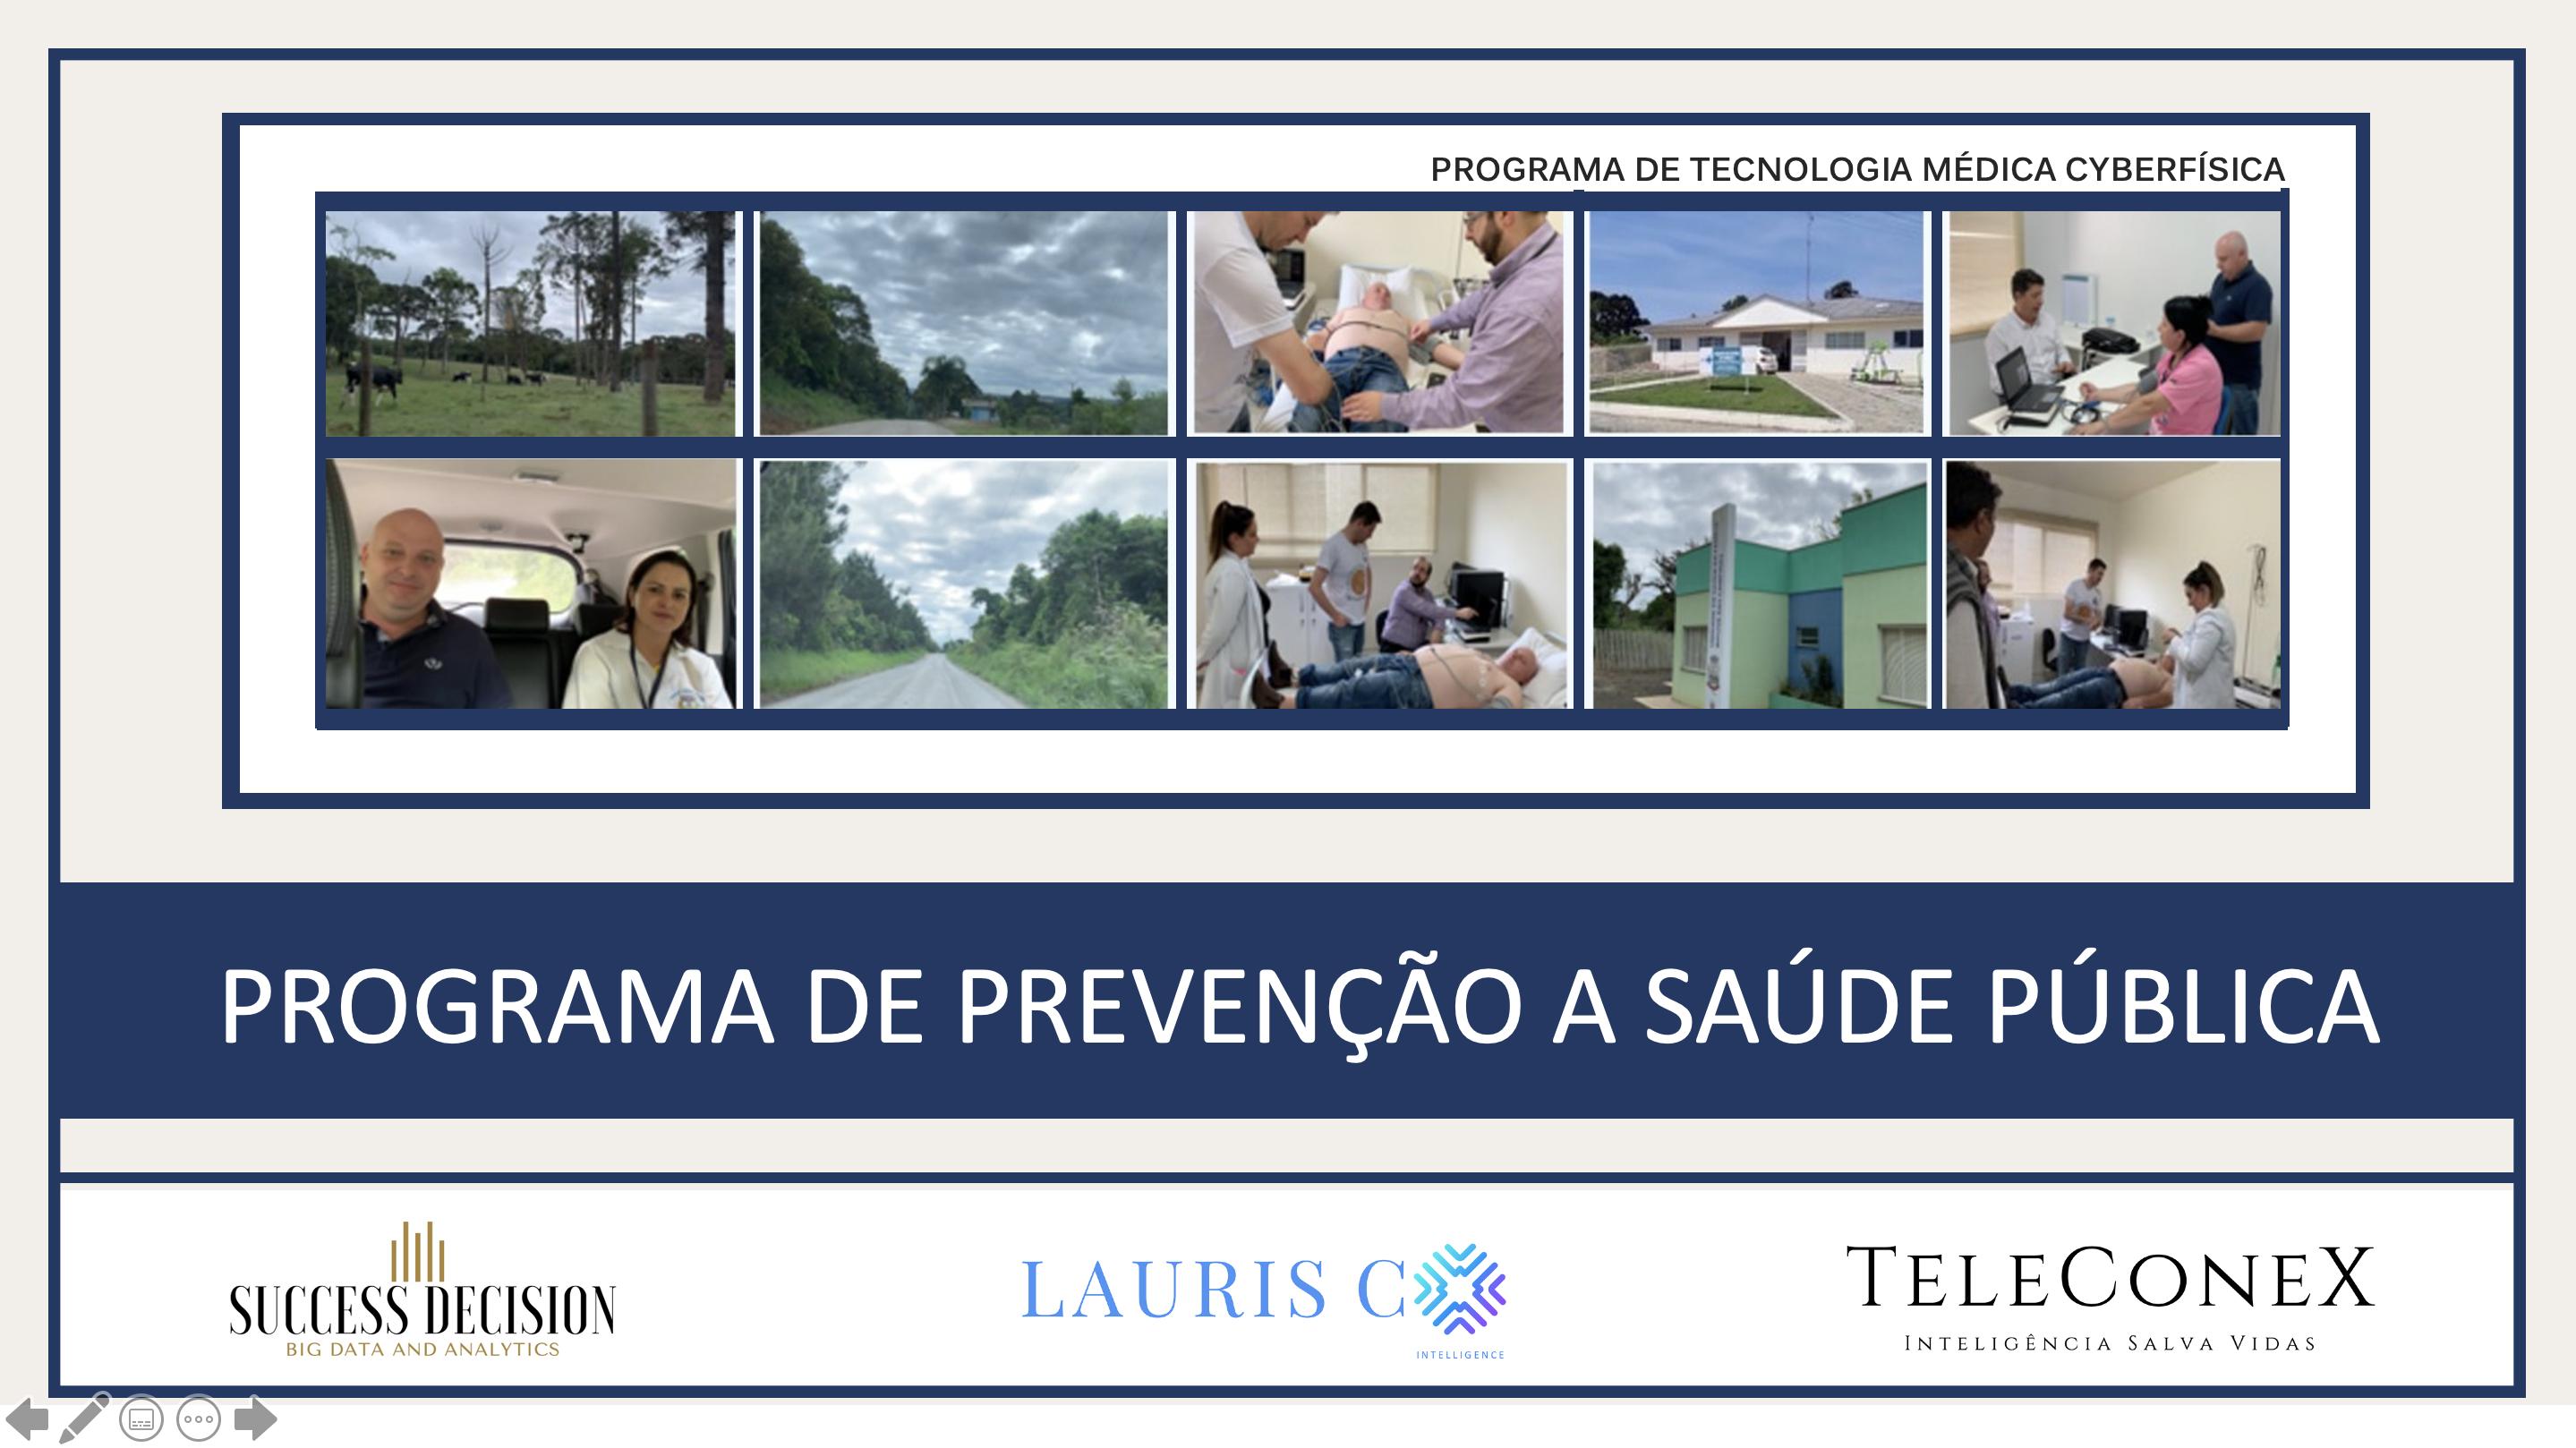 PROGRAMA DE PREVENÇÃO E MONITORAMENTO DA SAÚDE – TELEMEDICINA